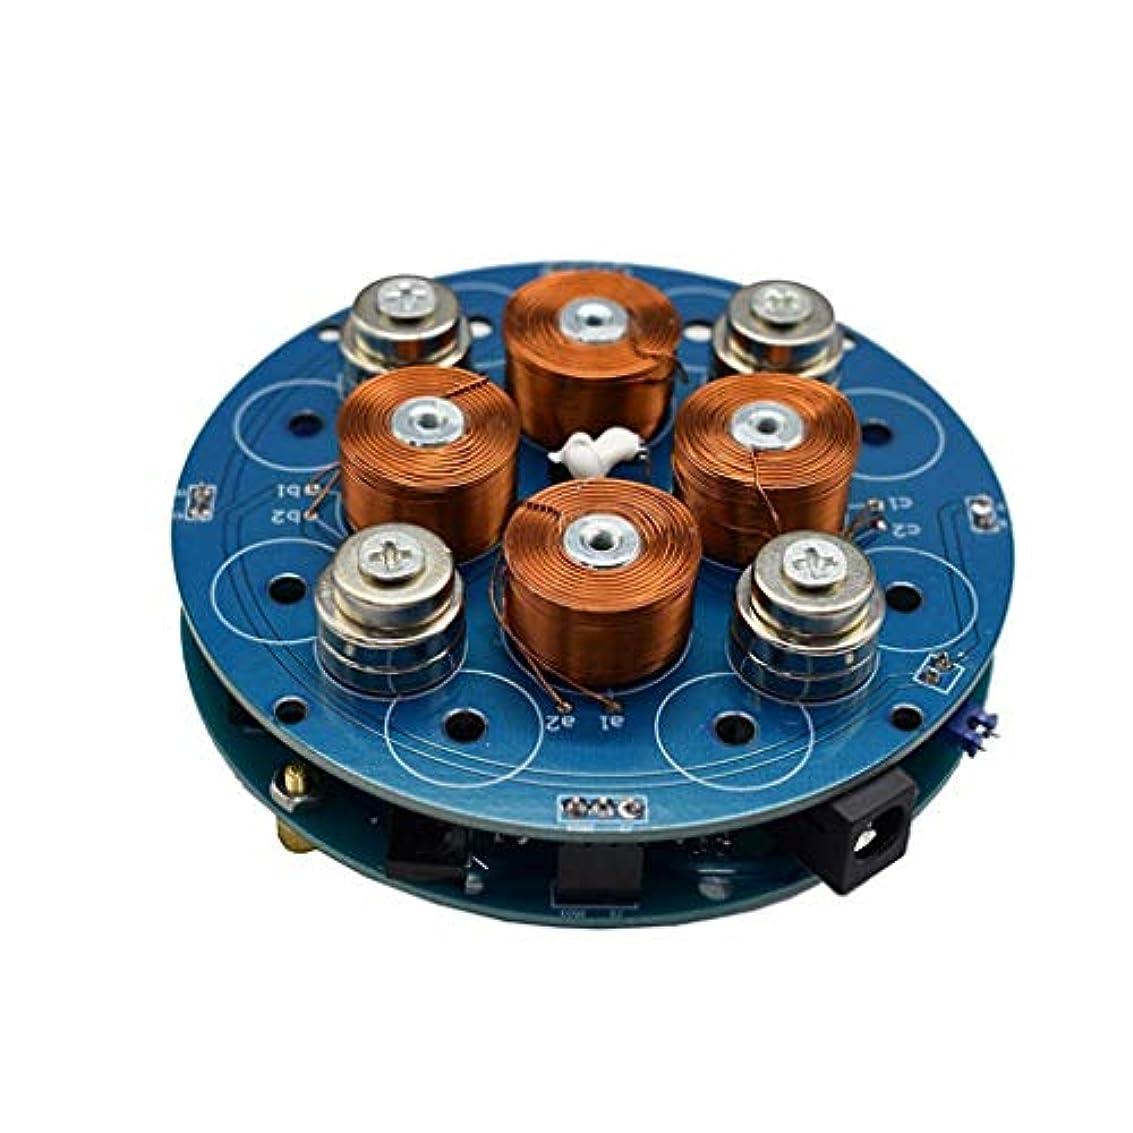 反発奨学金はさみJun® 密閉型アナログ回路インテリジェントDIYプッシュ型磁気浮上